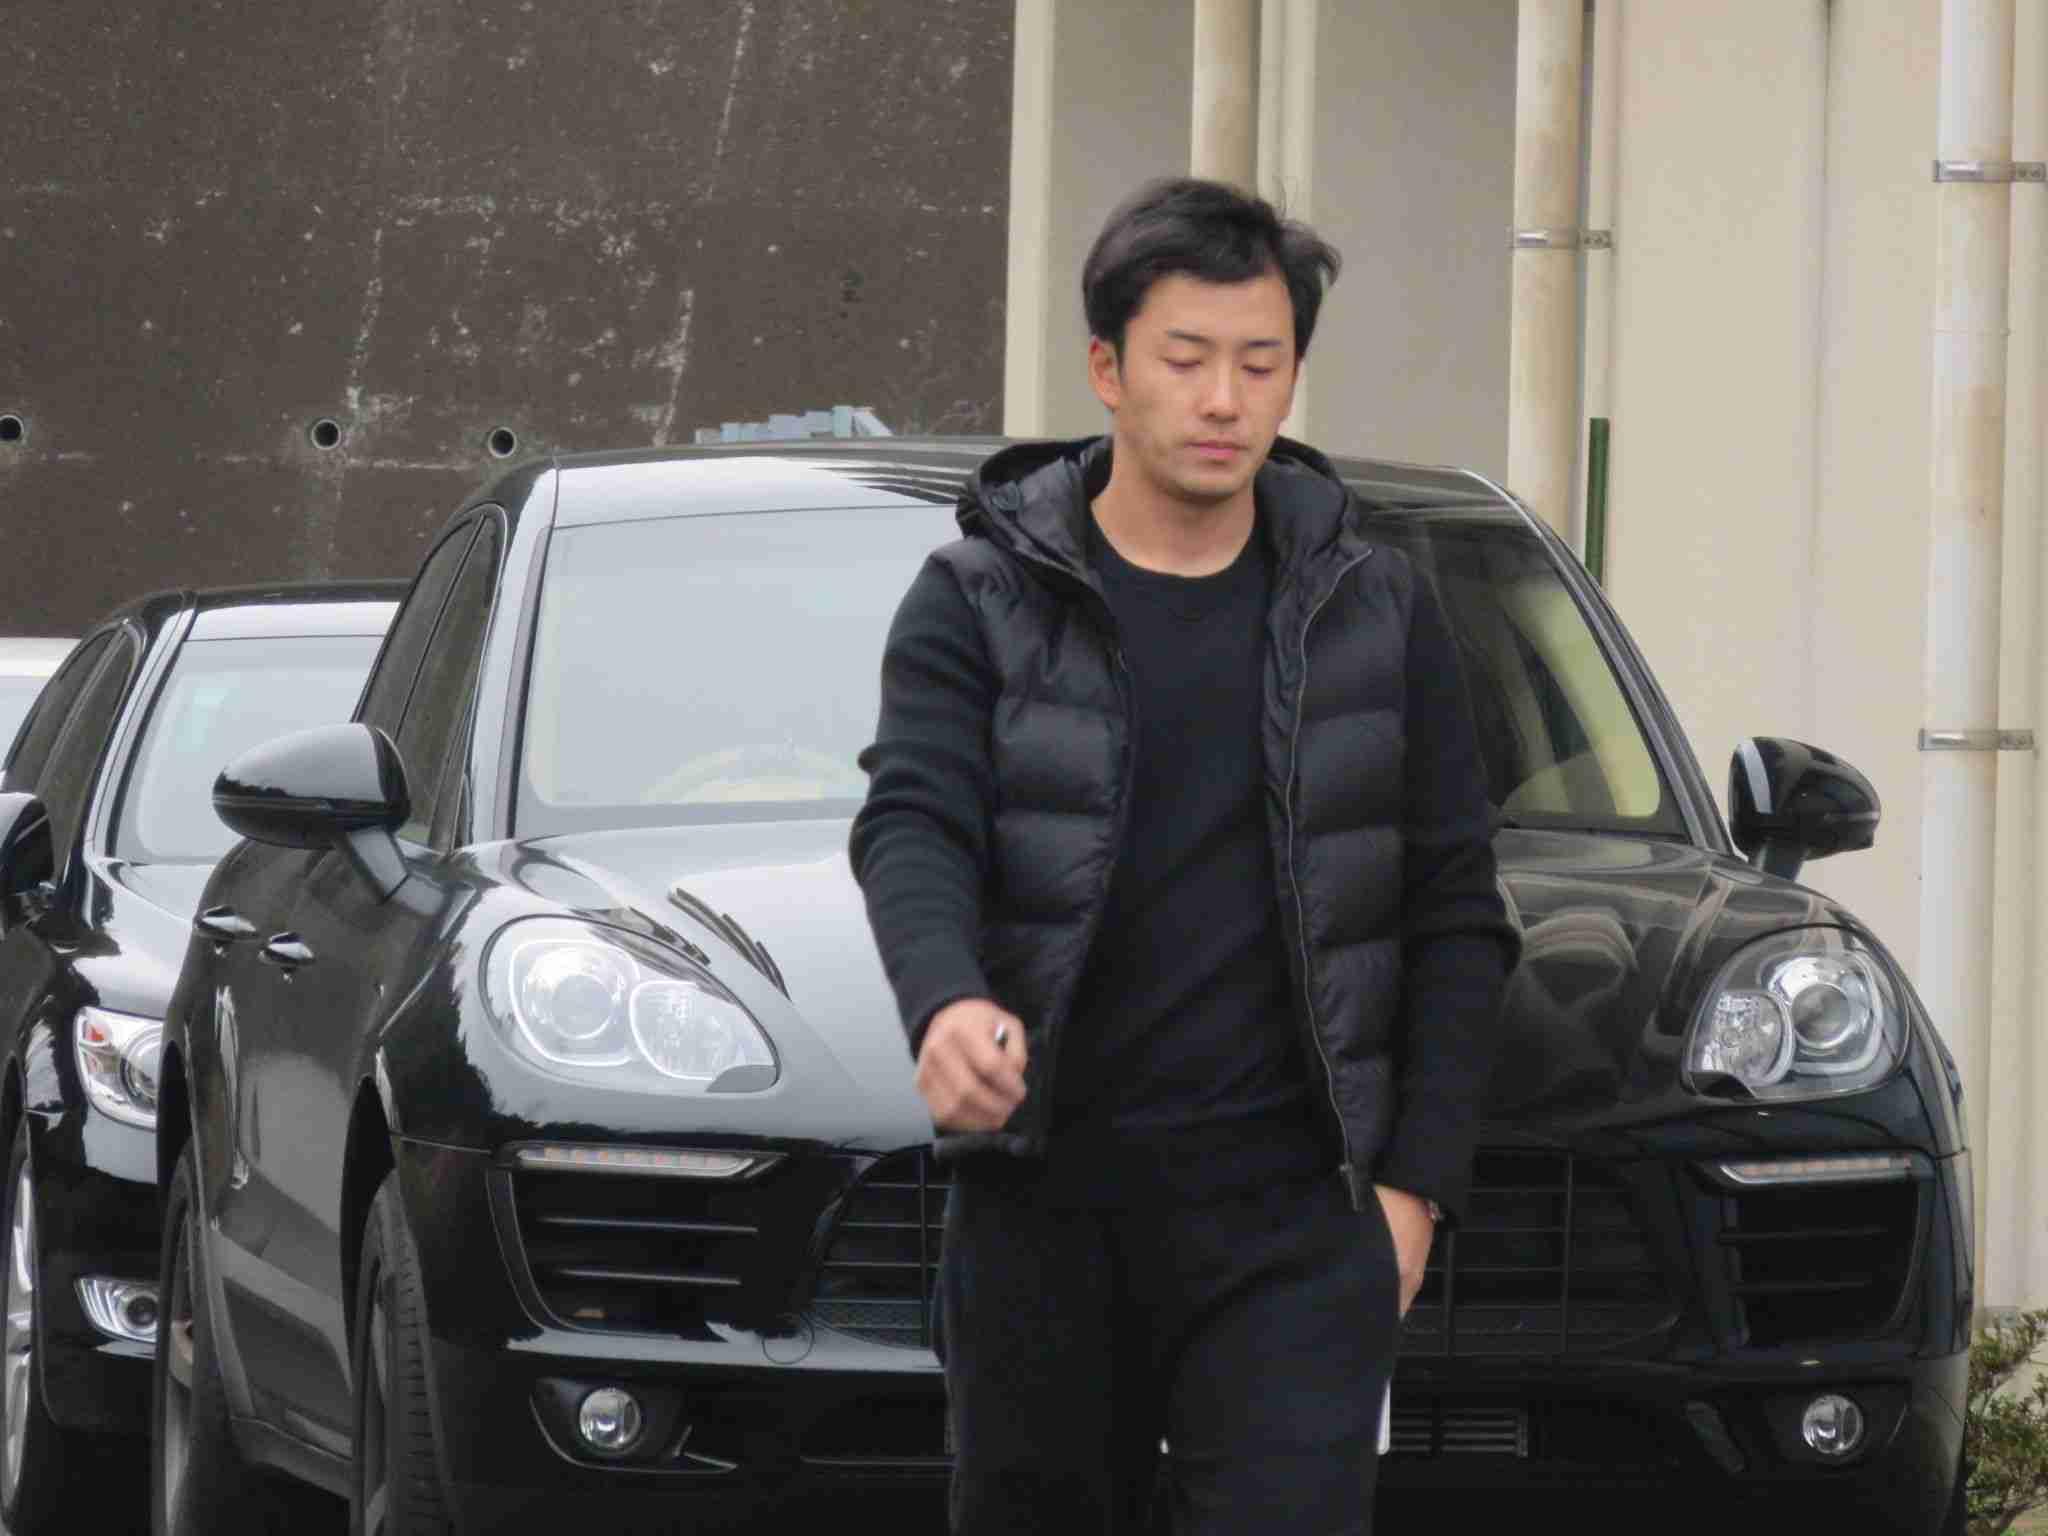 「二軍練習場に通うための車が欲しい」とおねだり→斎藤佑樹がポルシェを提供されていた